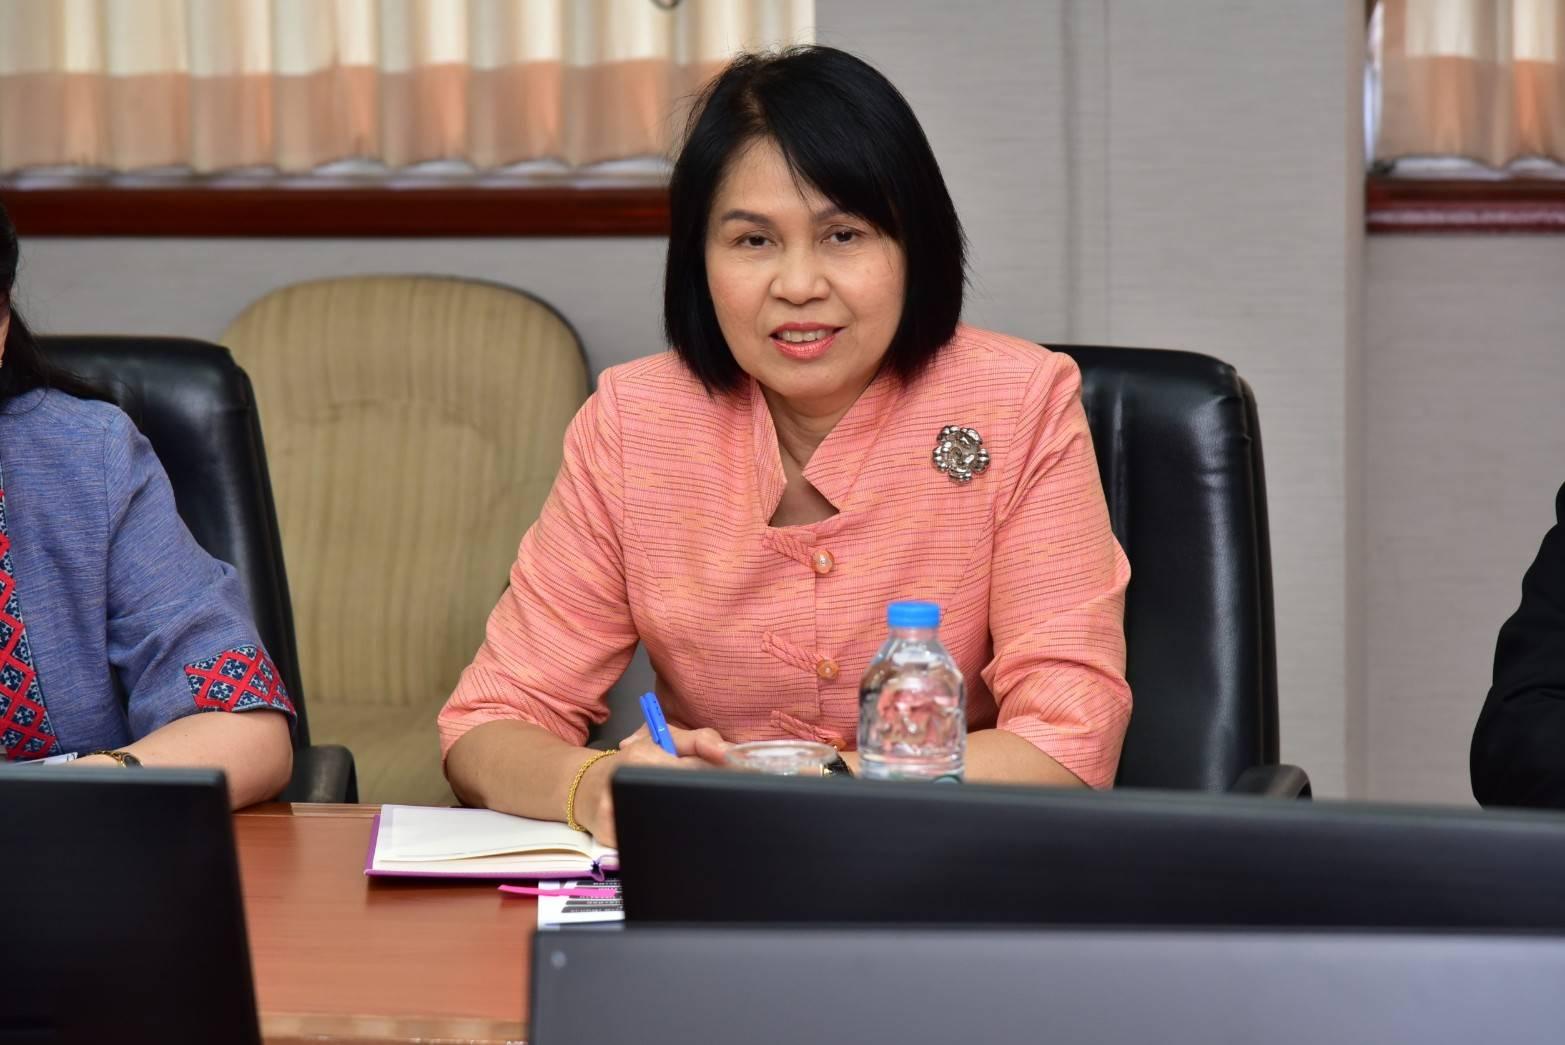 ผู้ตรวจราชการกรม กรมการจัดหางาน ร่วมประชุมสมาพันธ์ SME ไทย และคณะ